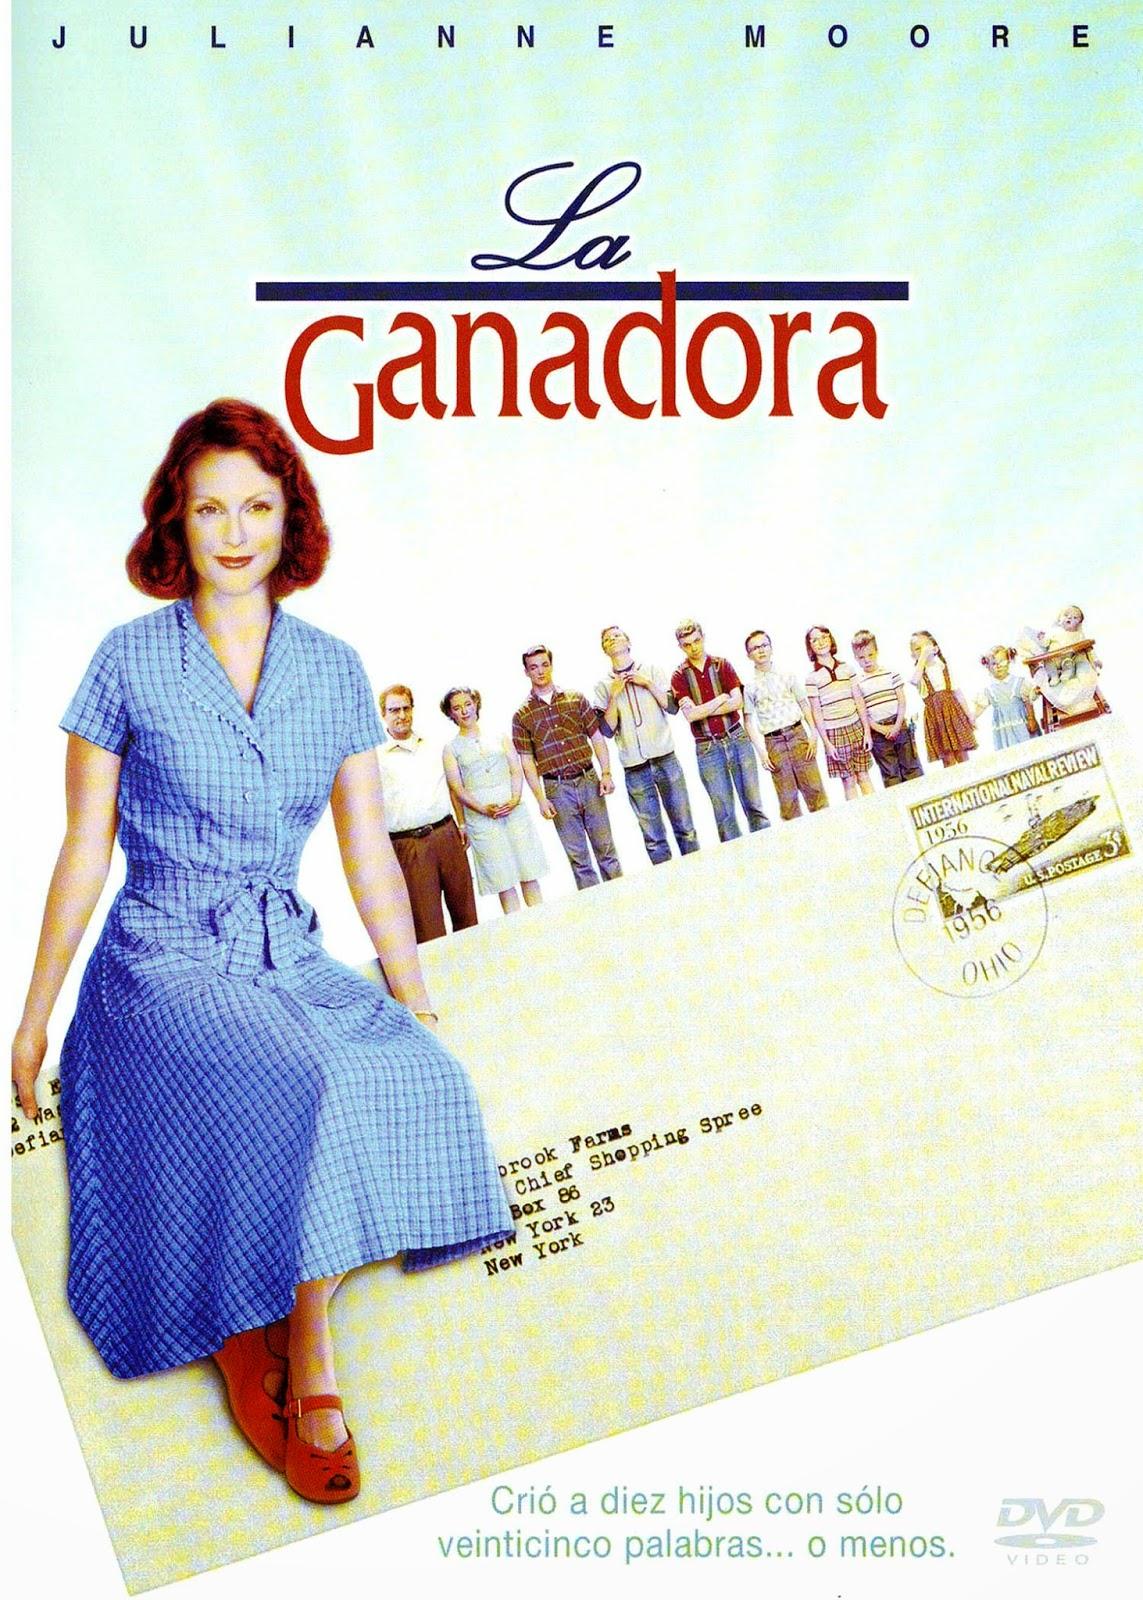 La Ganadora (2005) Drama